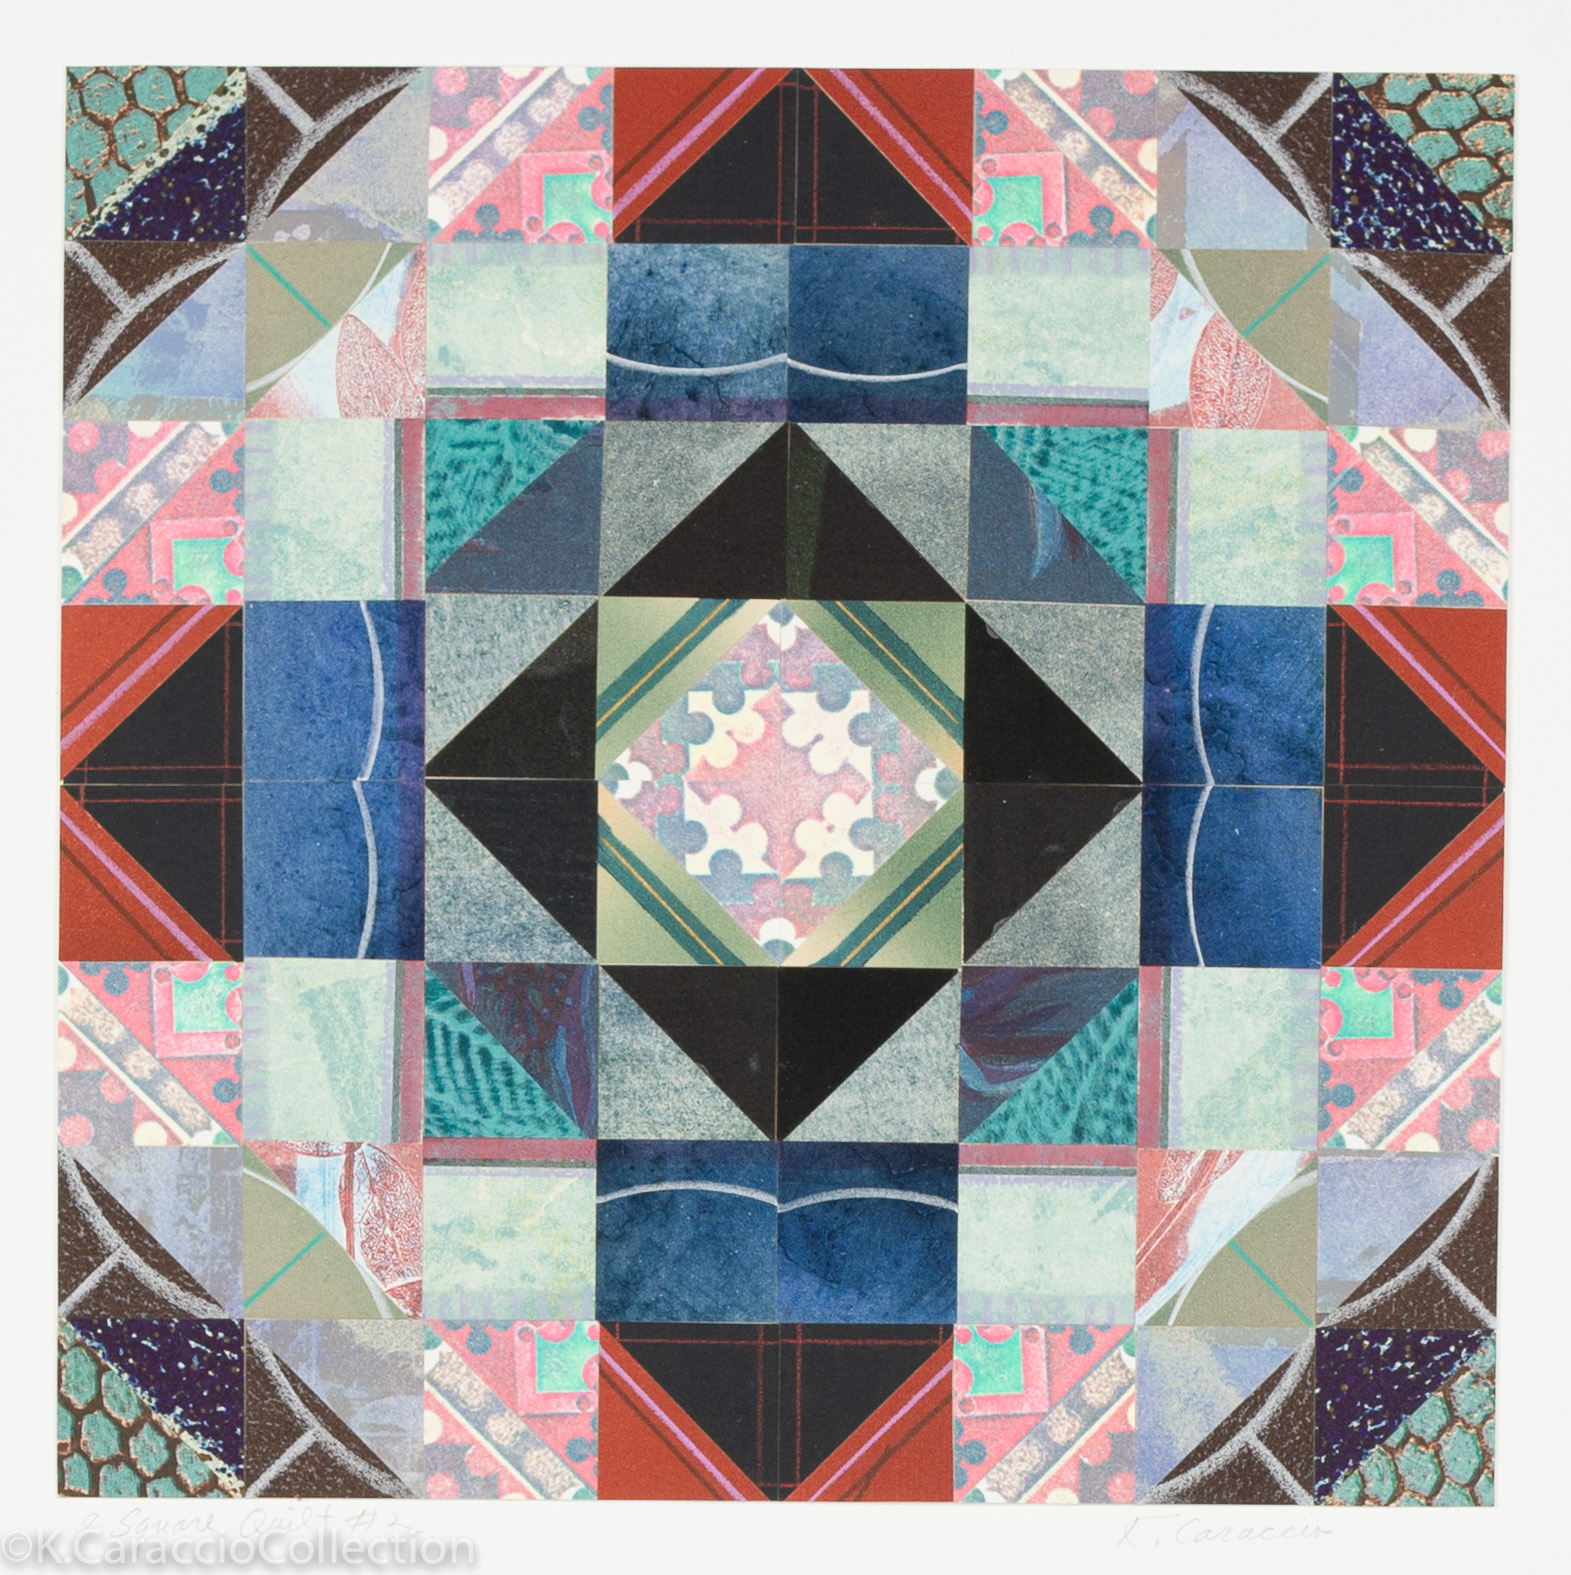 8 Square Quilt #2, 1989